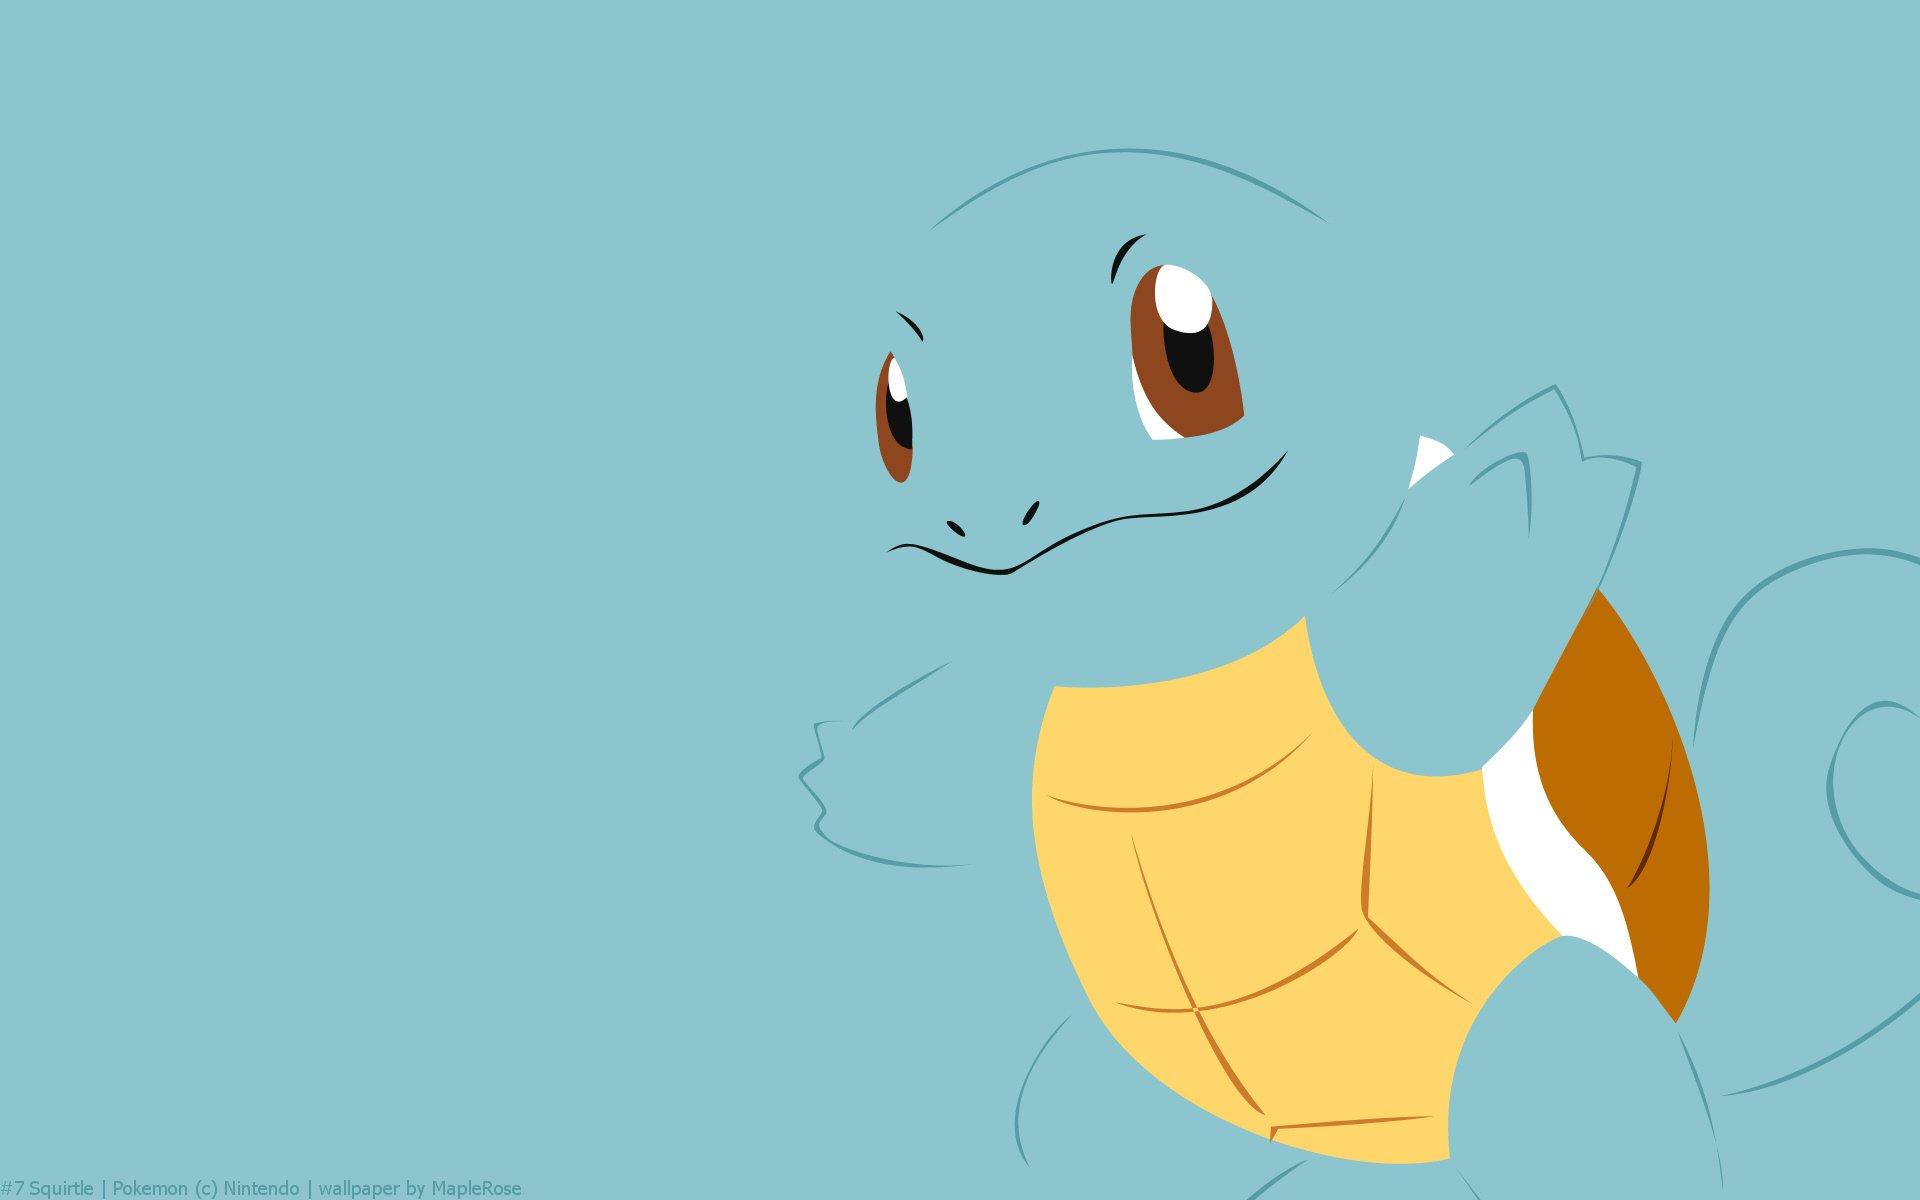 Lunettes de soleil Squirtle arrive chez Pokémon GO